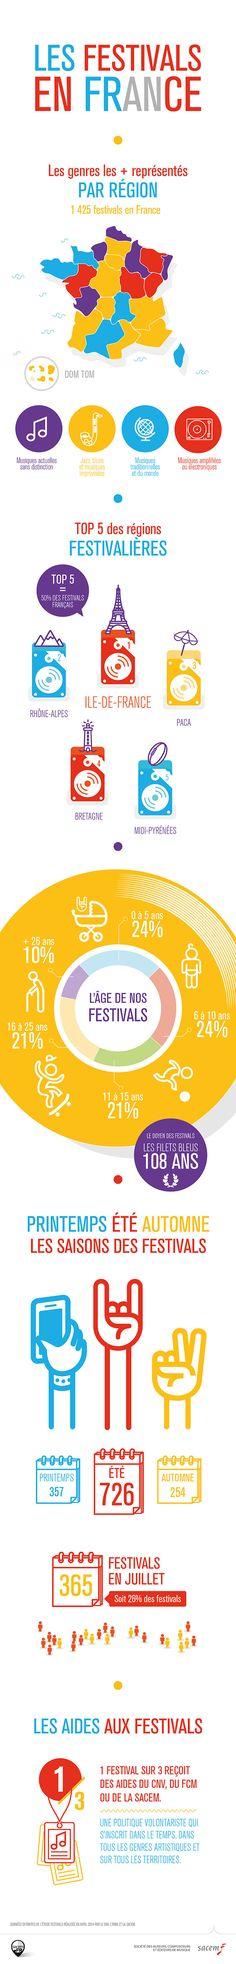 Infographie : les festivals français en chiffres